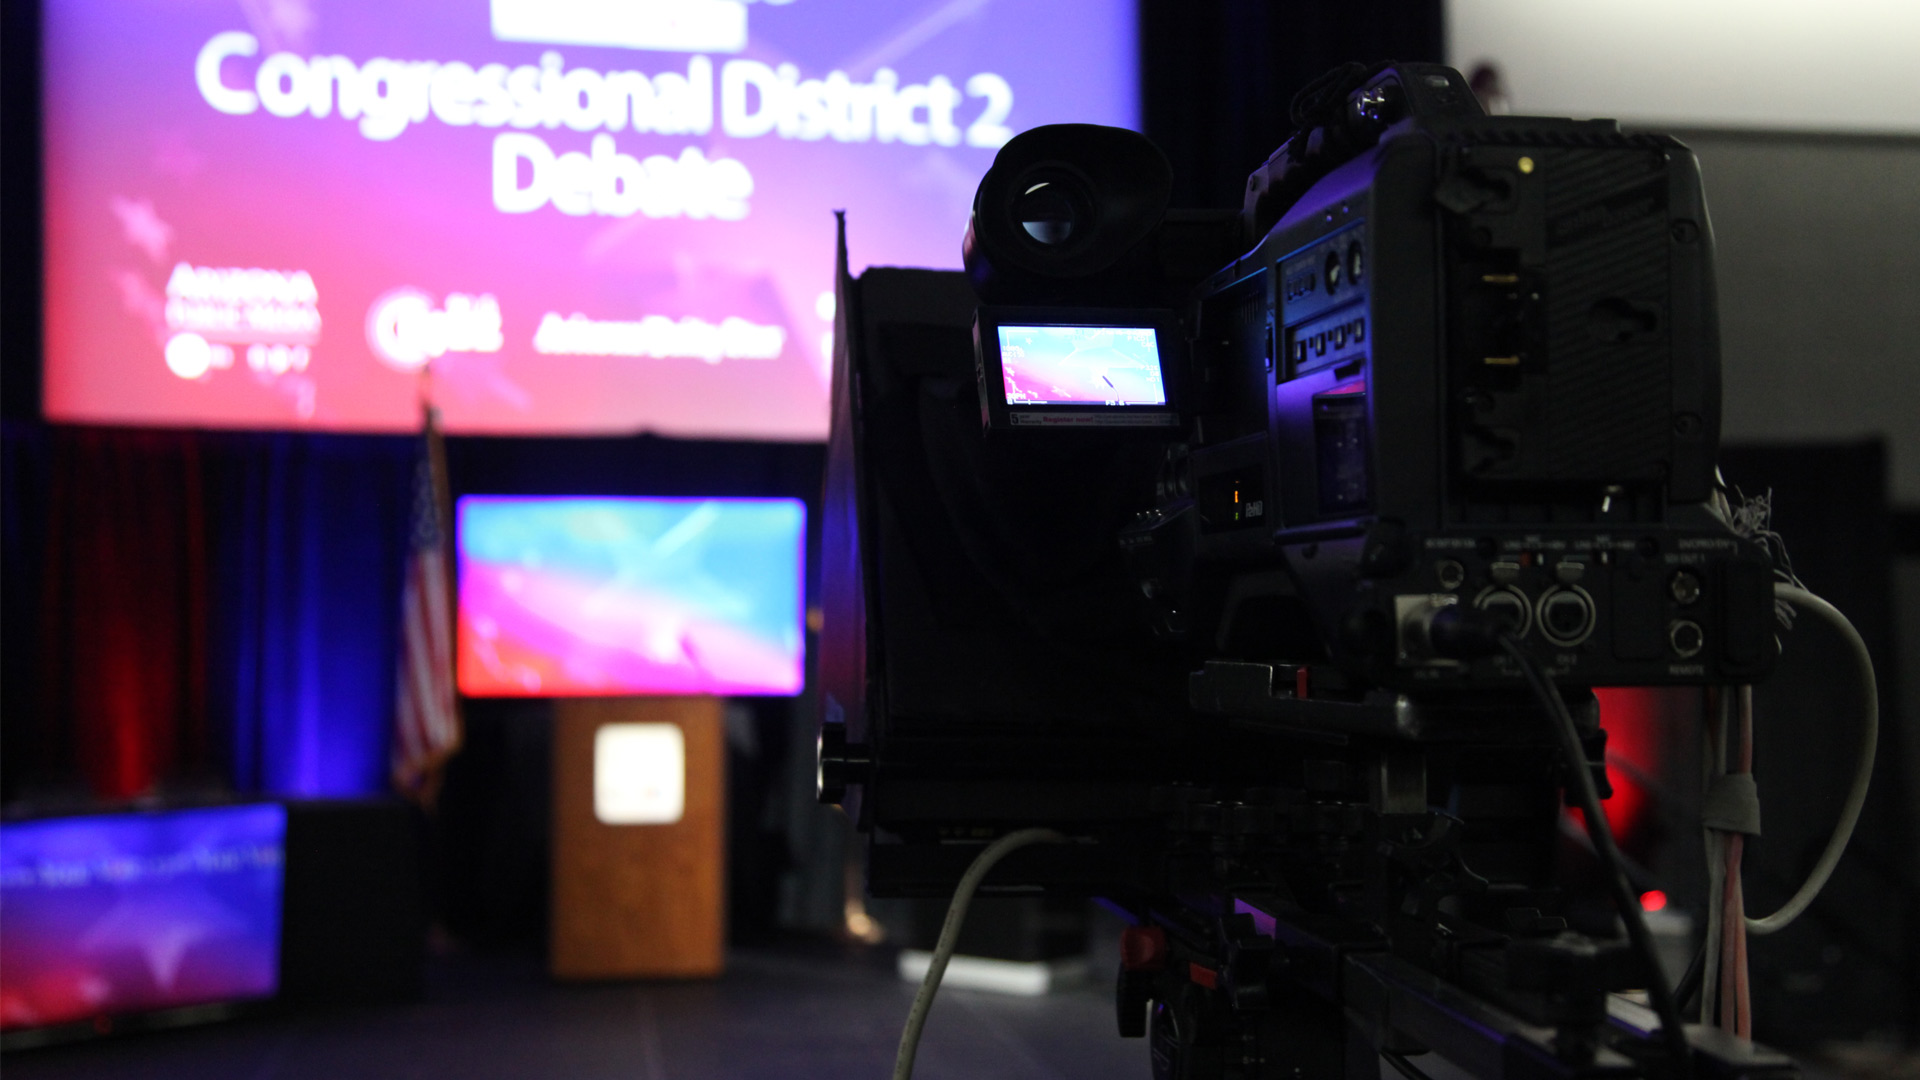 CD2 Debate Community Page 1